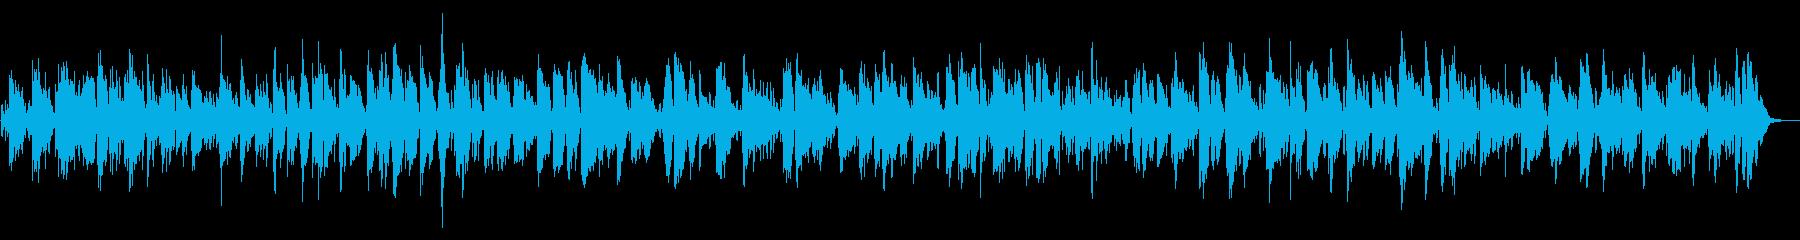 夜の酒場で流れてるお洒落なジャズBGMの再生済みの波形